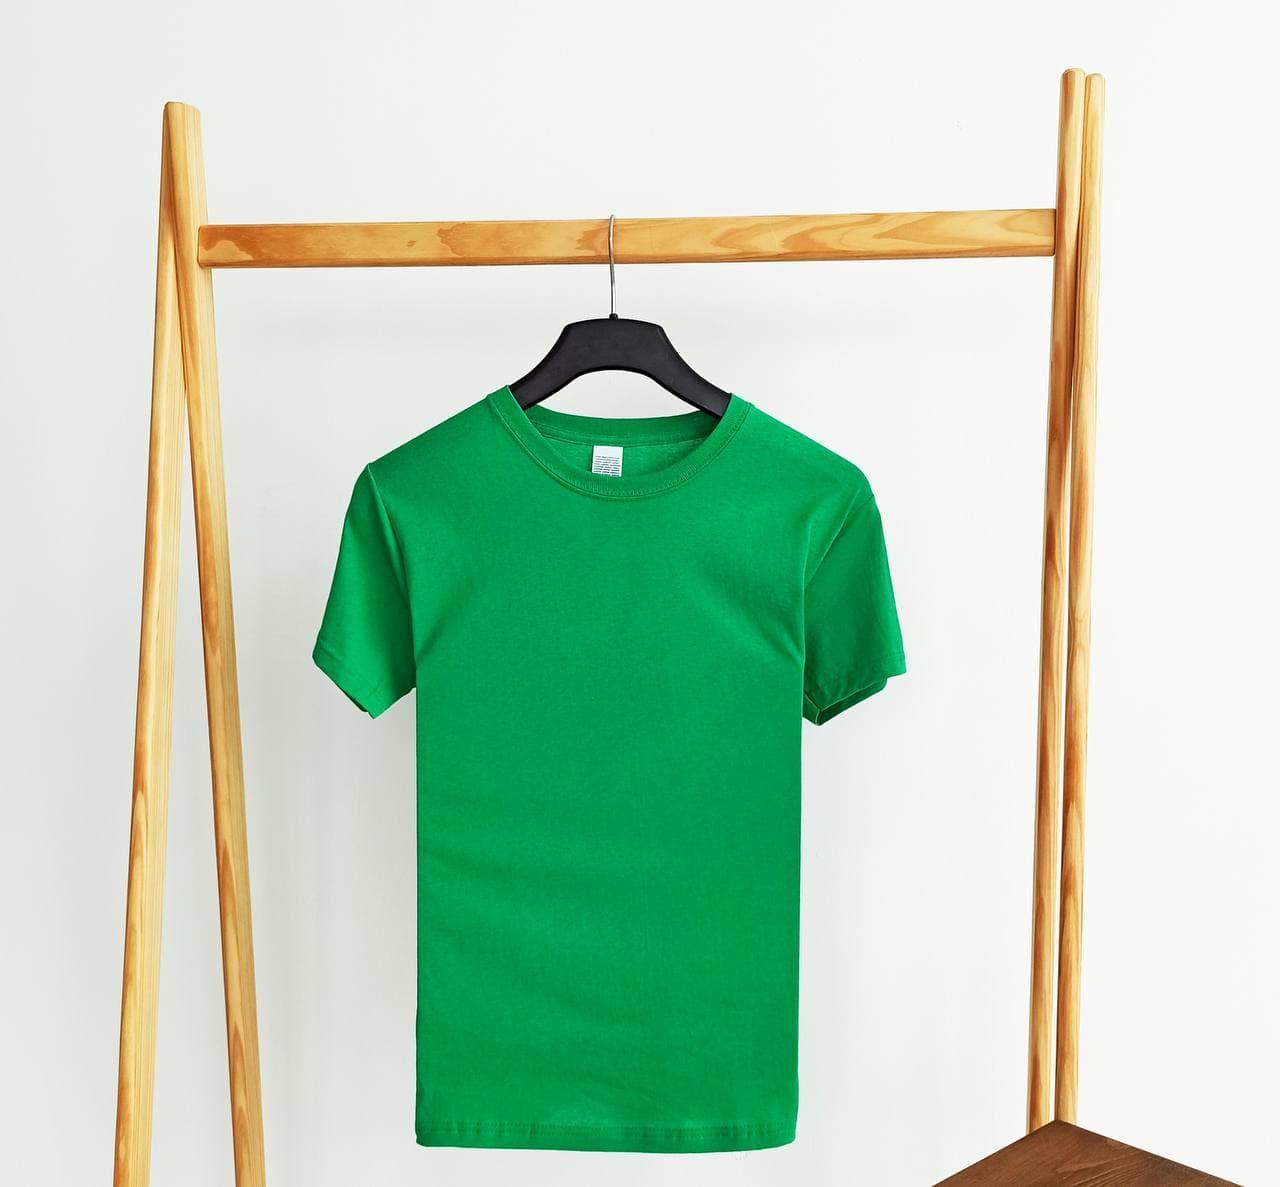 Футболка женская базовая зеленого цвета. Женская базовая футболка без принта зеленая.